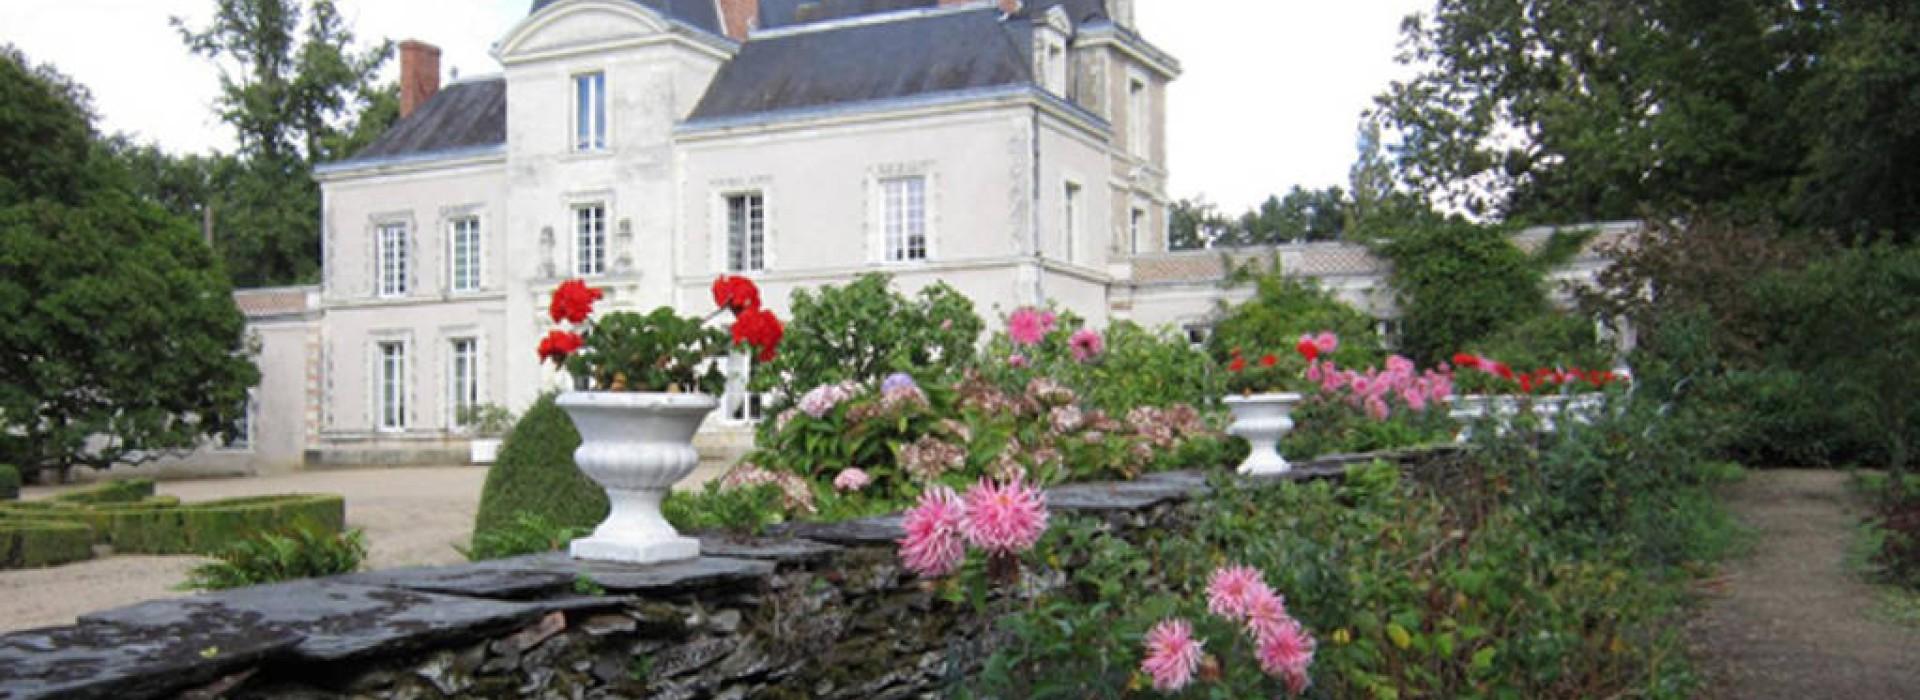 Chambres d 39 hotes du chateau de mirvault bed and breakfasts france pays de la loire - Chambre d hote chateau de la loire ...